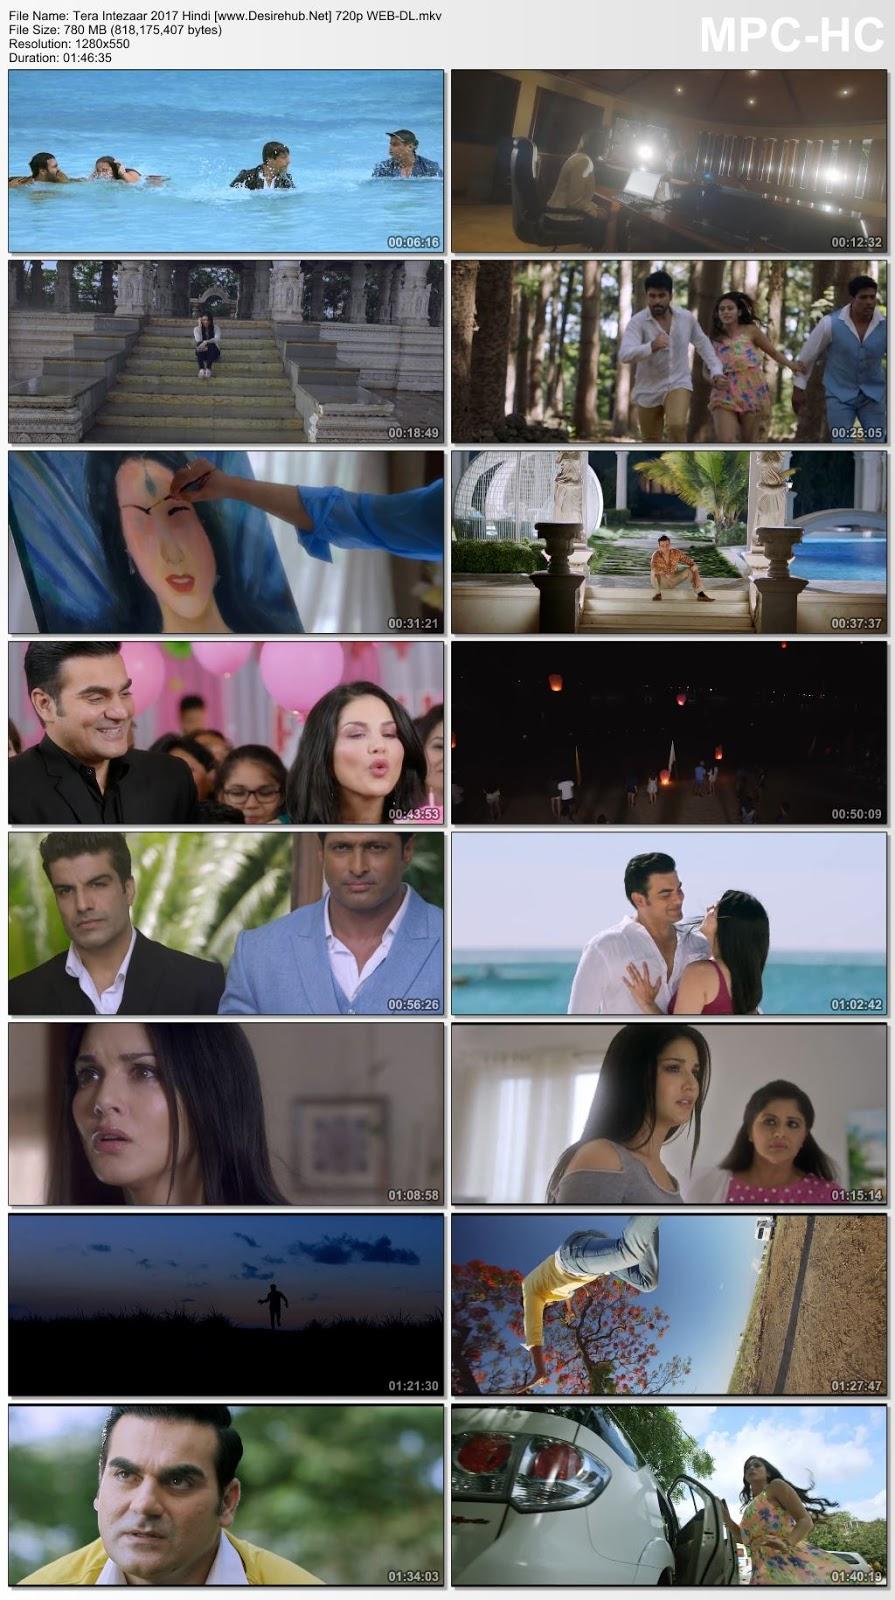 Tera Intezaar 2017 Hindi 720p WEB-DL 750MB Desirehub